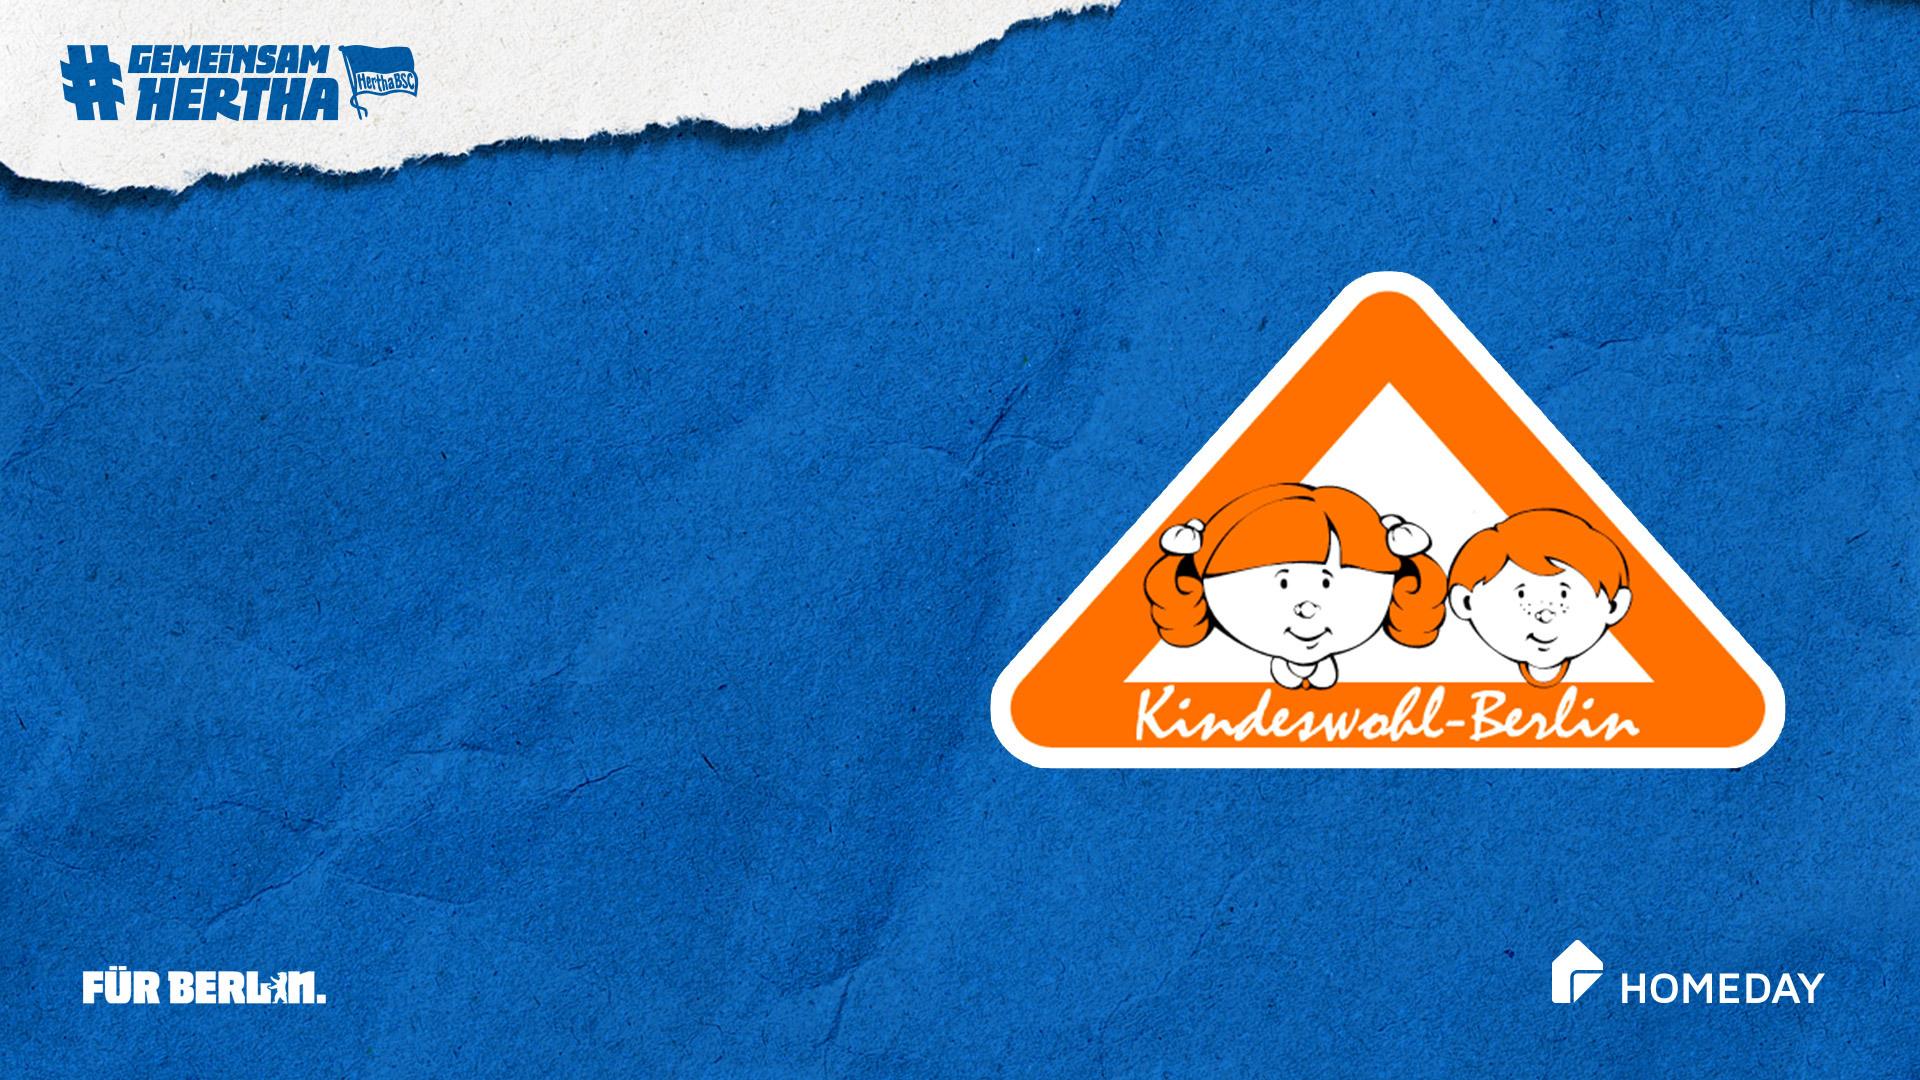 Das Logo von Kindswohl-Berlin.